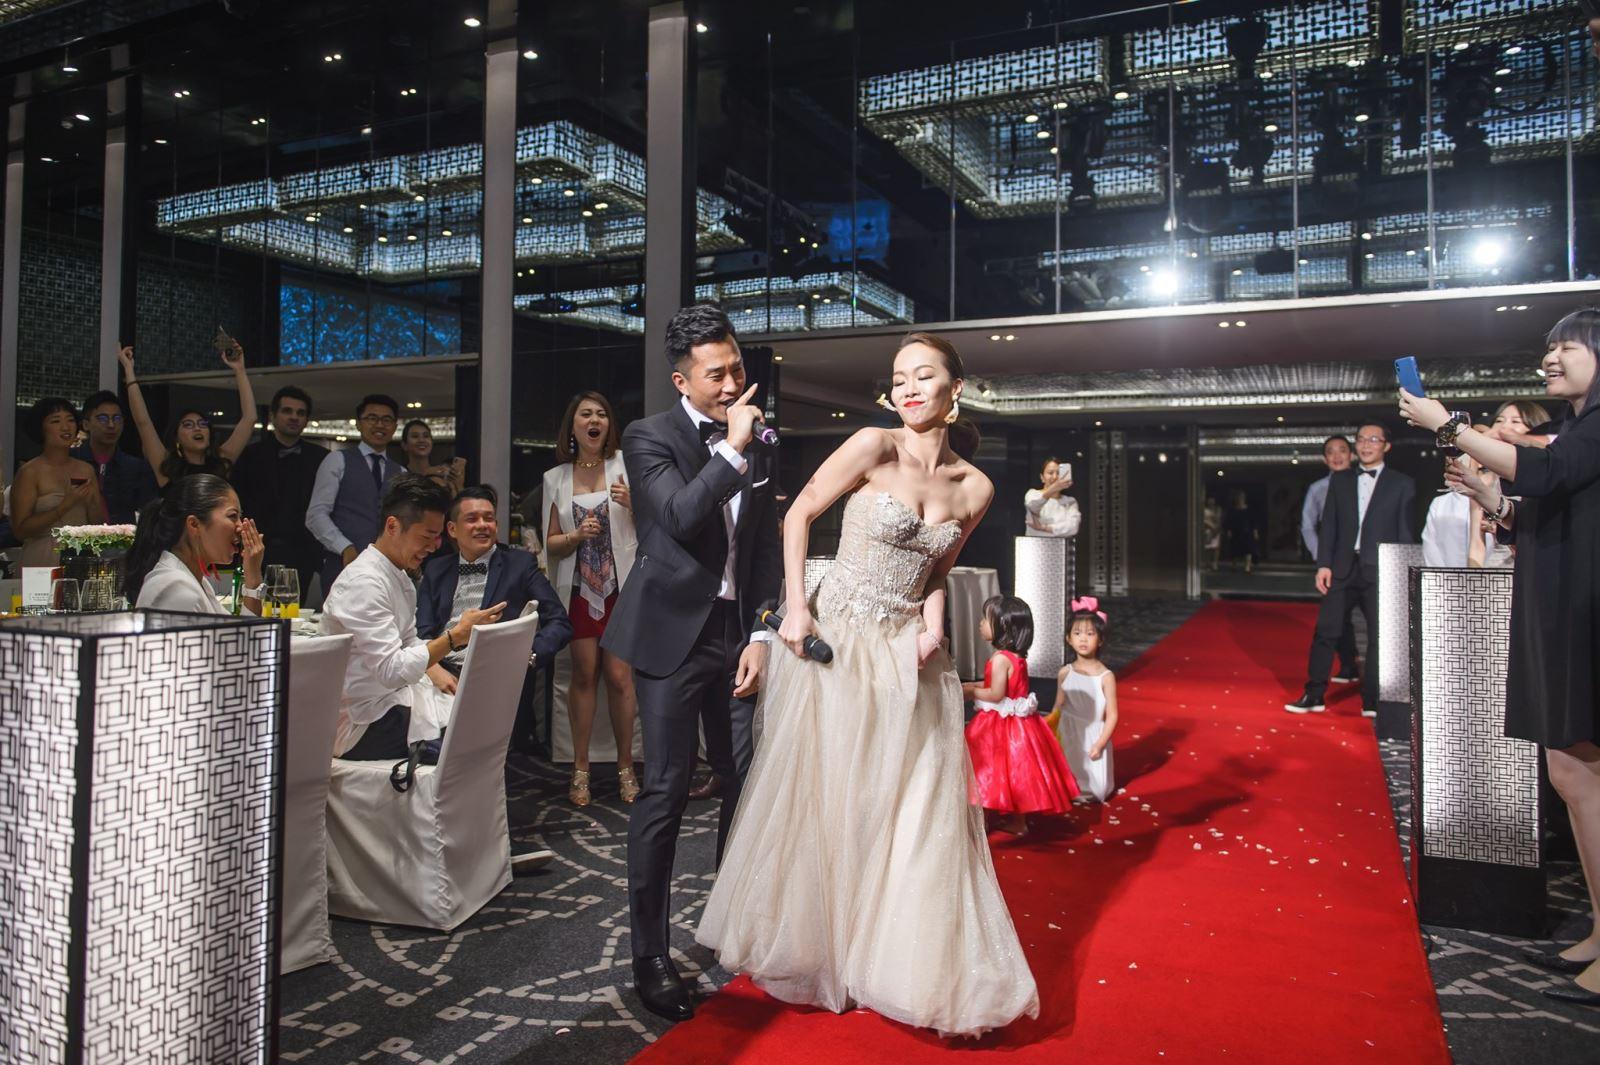 在婚禮唱歌,愛死妳的情歌對唱,保證讓人留下極為深刻的印象